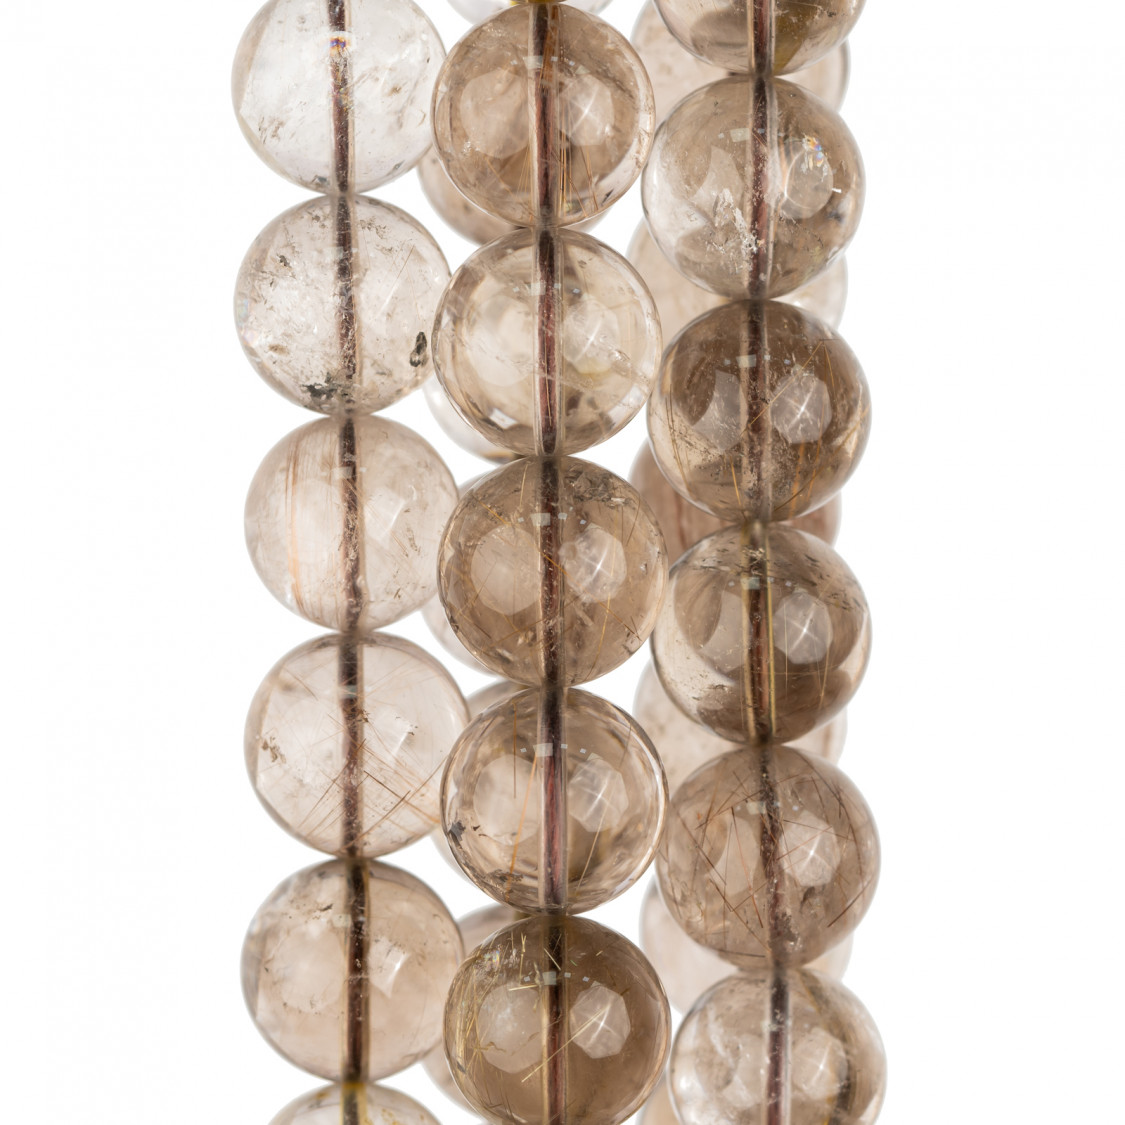 Cabochon Di Cristalli Sfaccettati E Ottone 2 Anellini Ovale 11x38mm10pz Champagne e Dorato